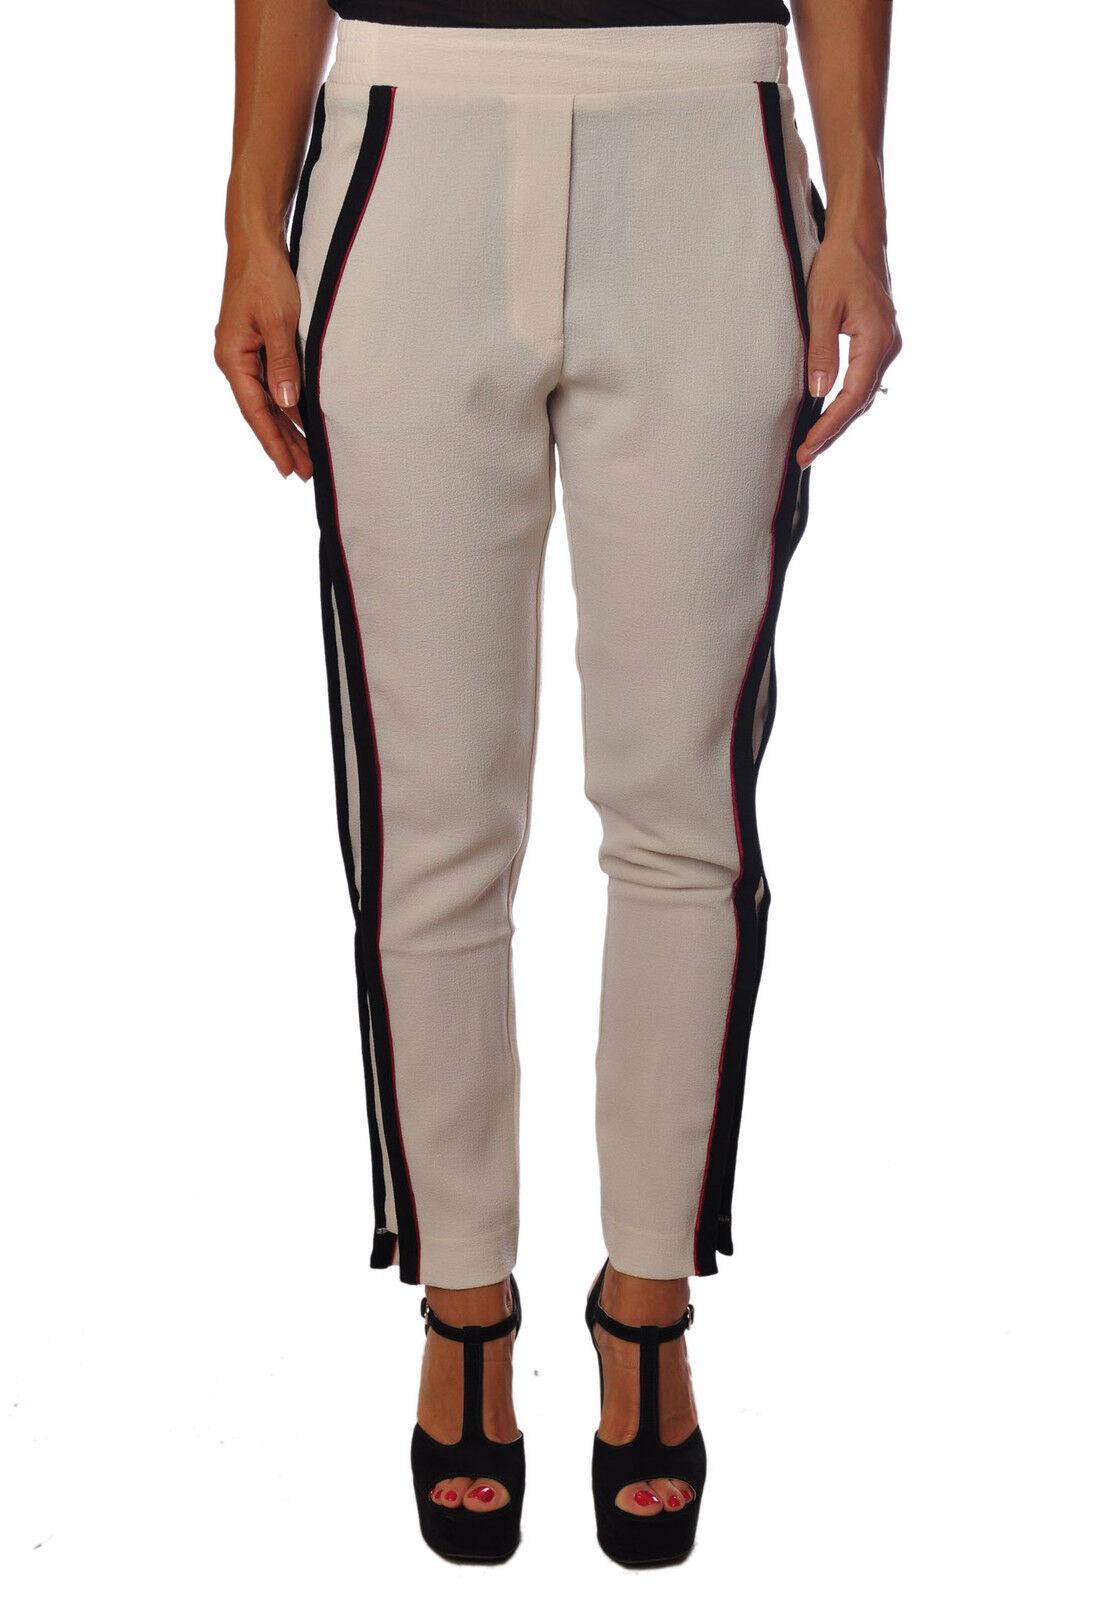 8pm  -  Pants - Female - Weiß - 100124A183849